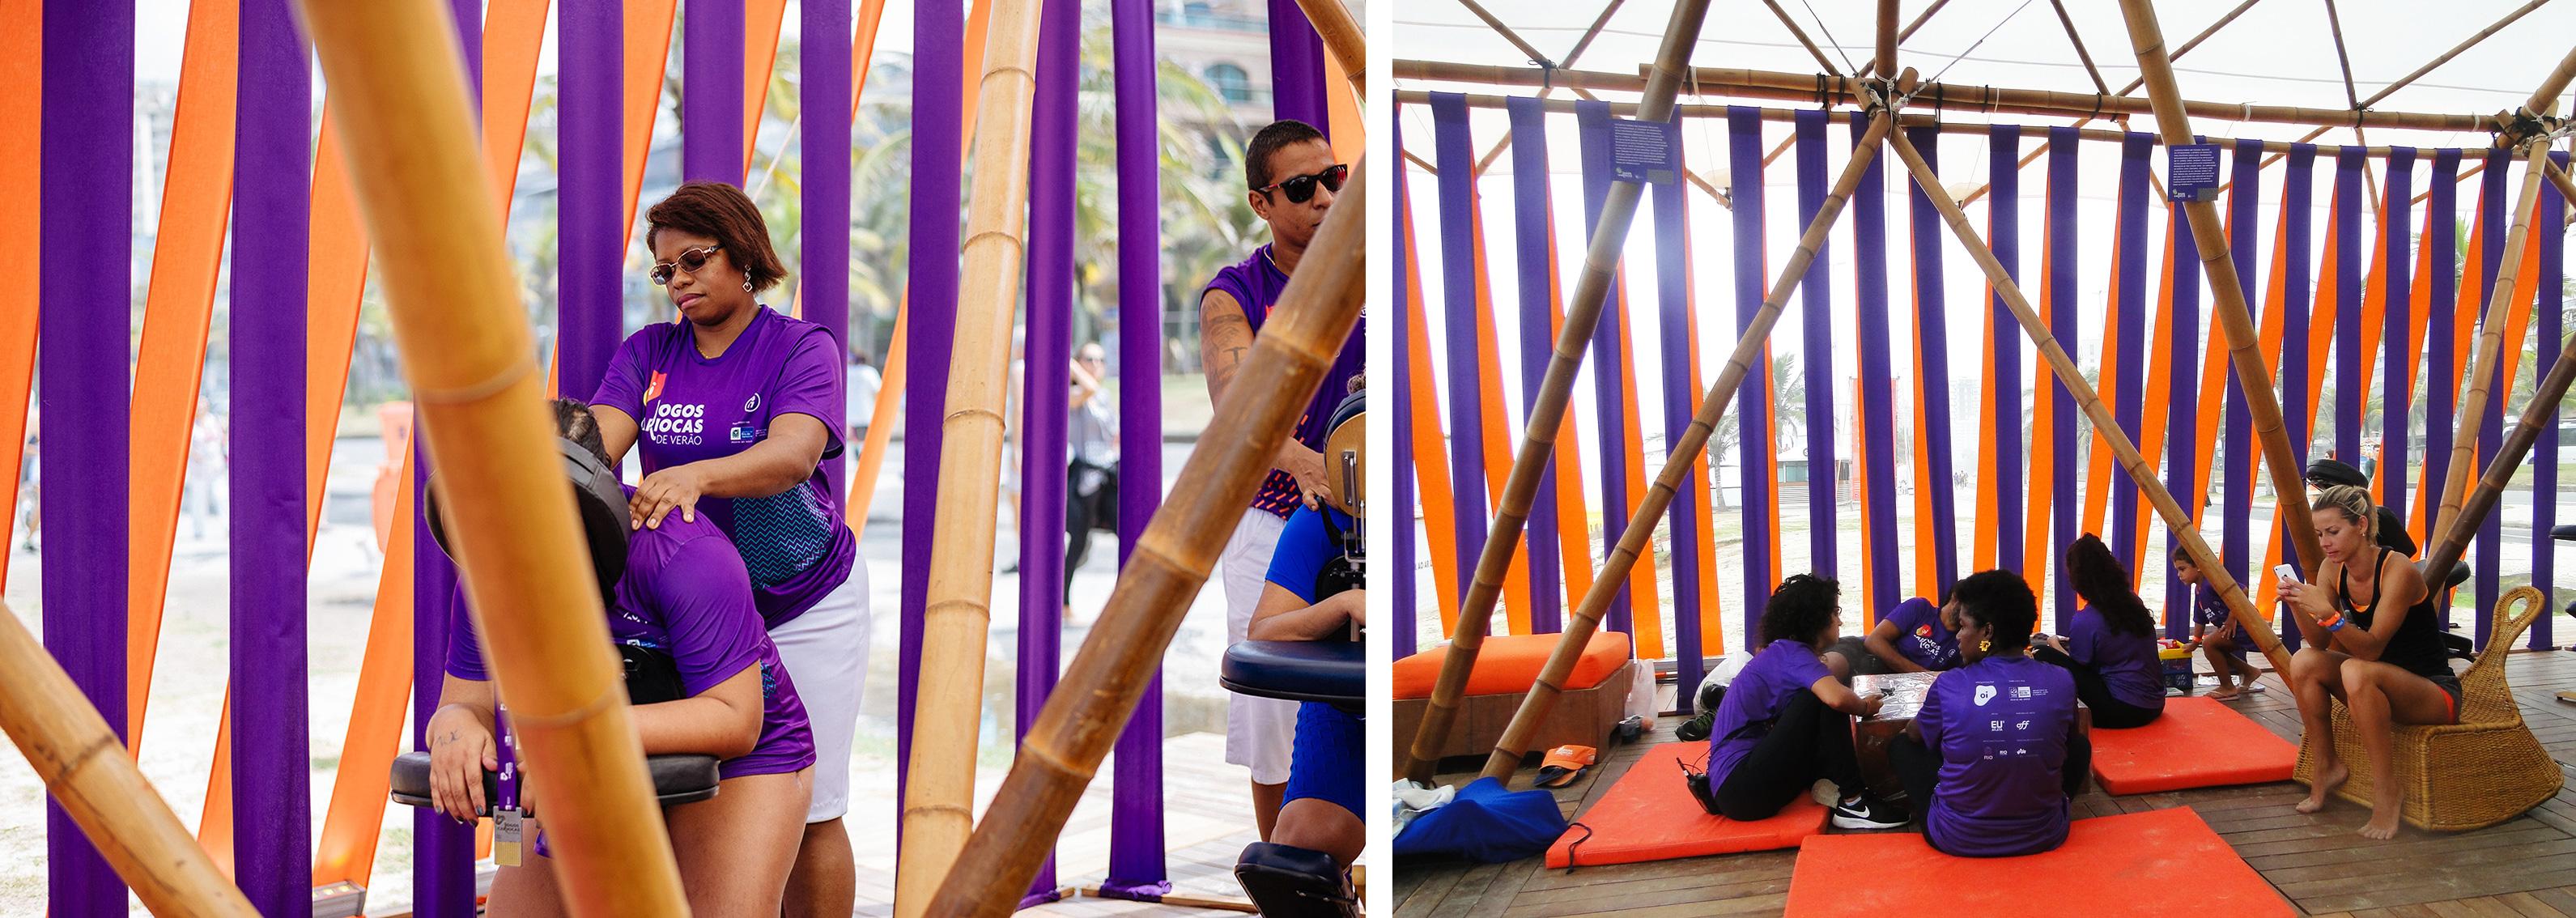 Estruturas-de-bambu-Bamboo-structures-19.jpg